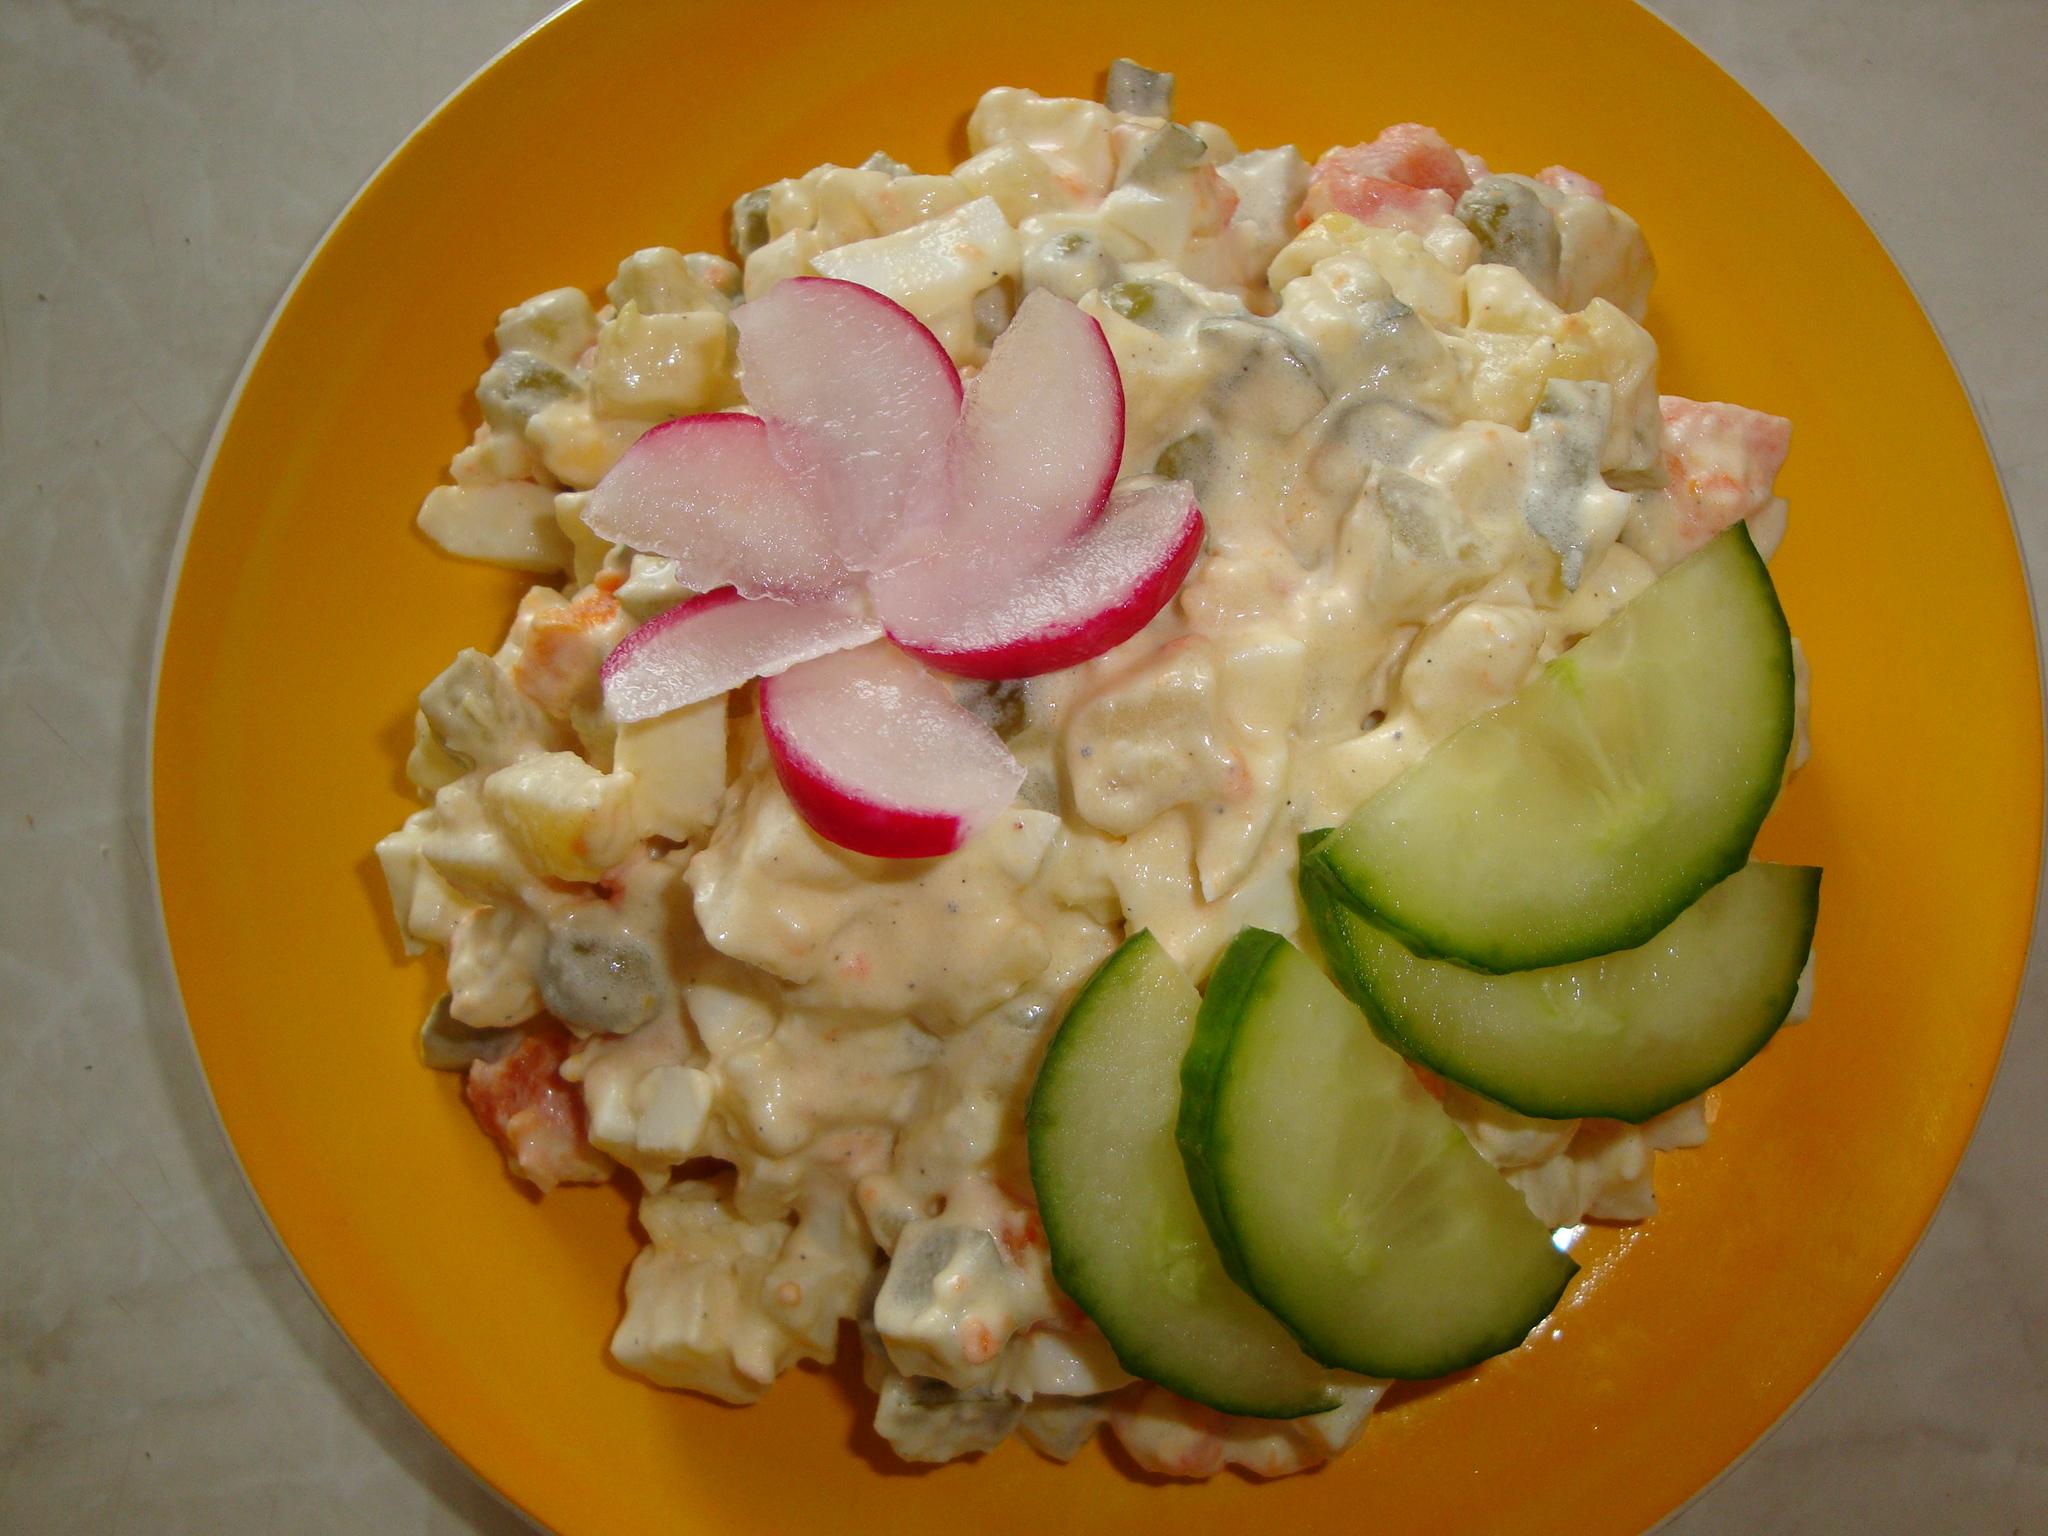 Tradycyjna Salatka Ziemniaczana Z Jablkiem Przyslijprzepis Pl